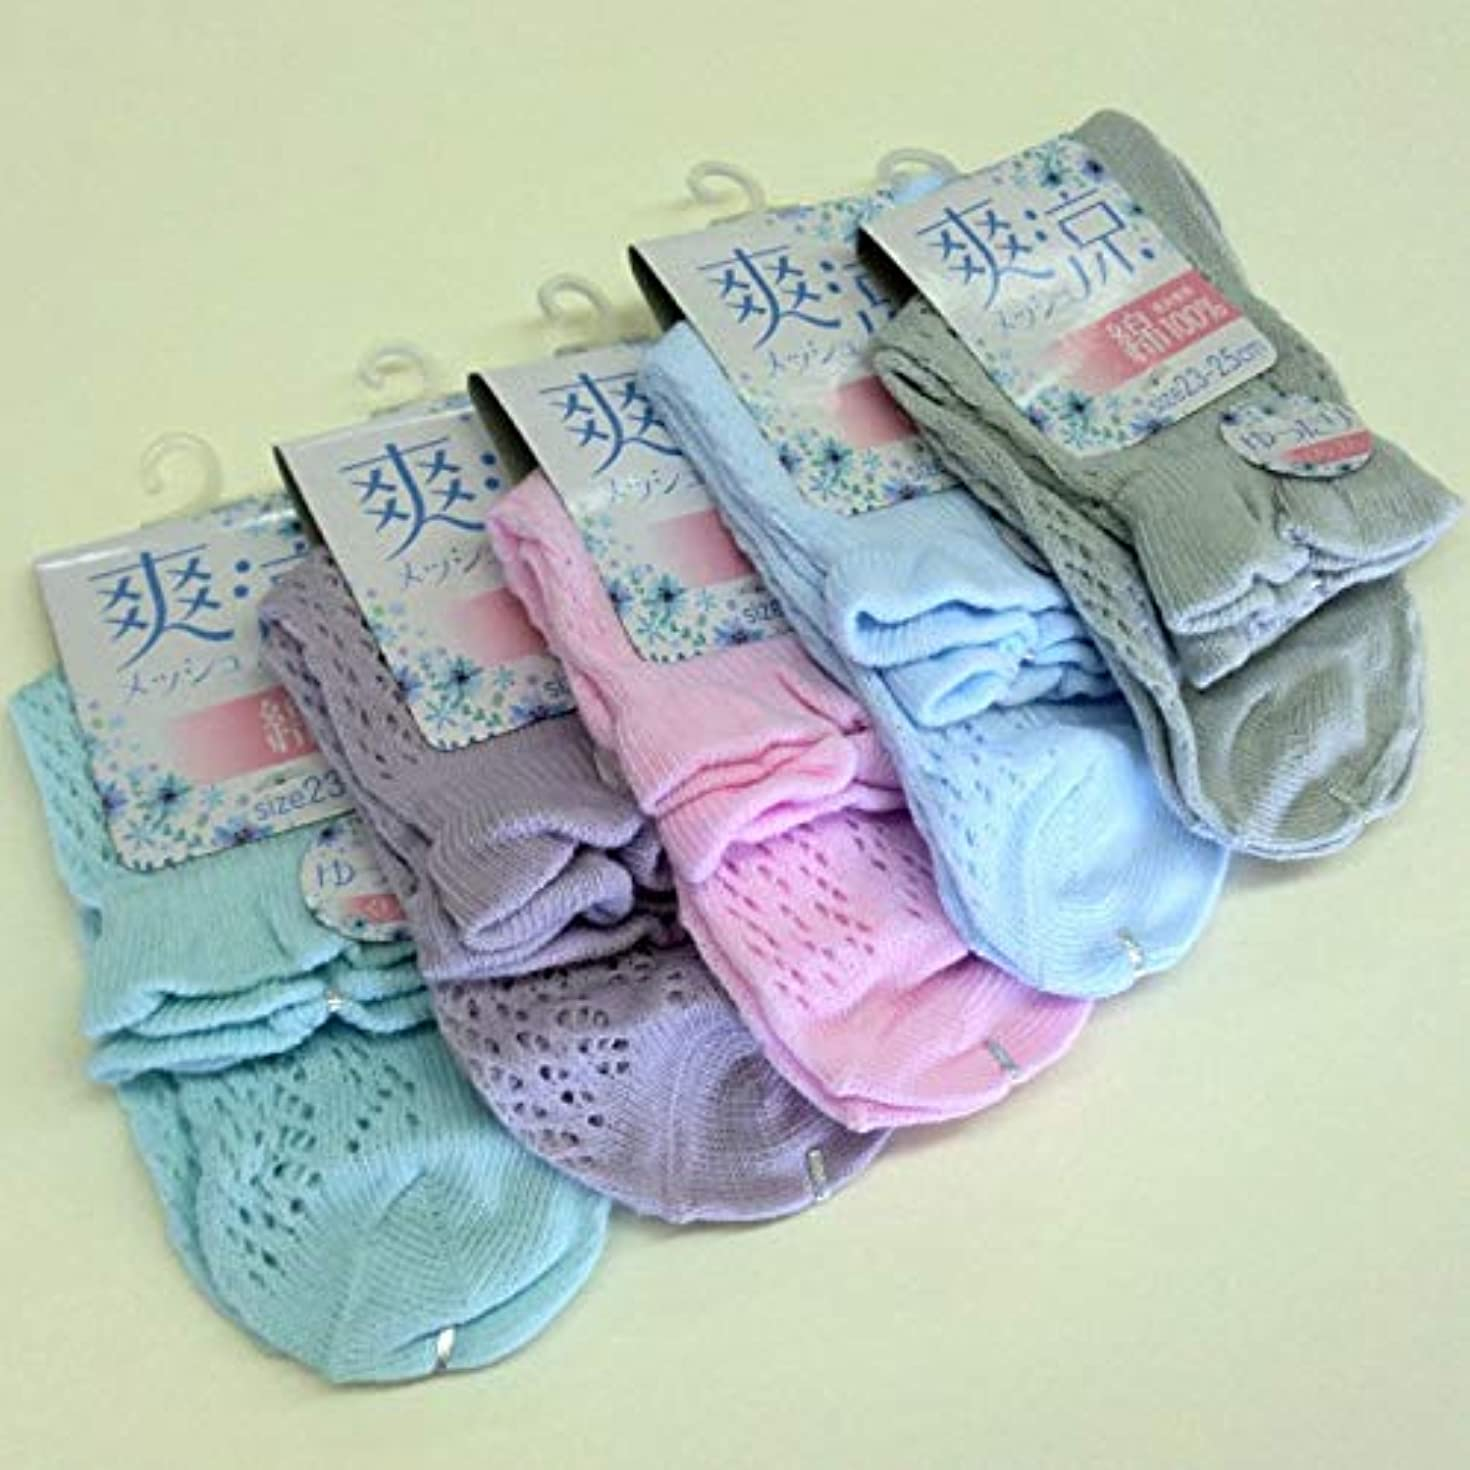 慰めの面では前者靴下 レディース 夏 表糸綿100% 涼しいルミーソックス セット 5色5足組